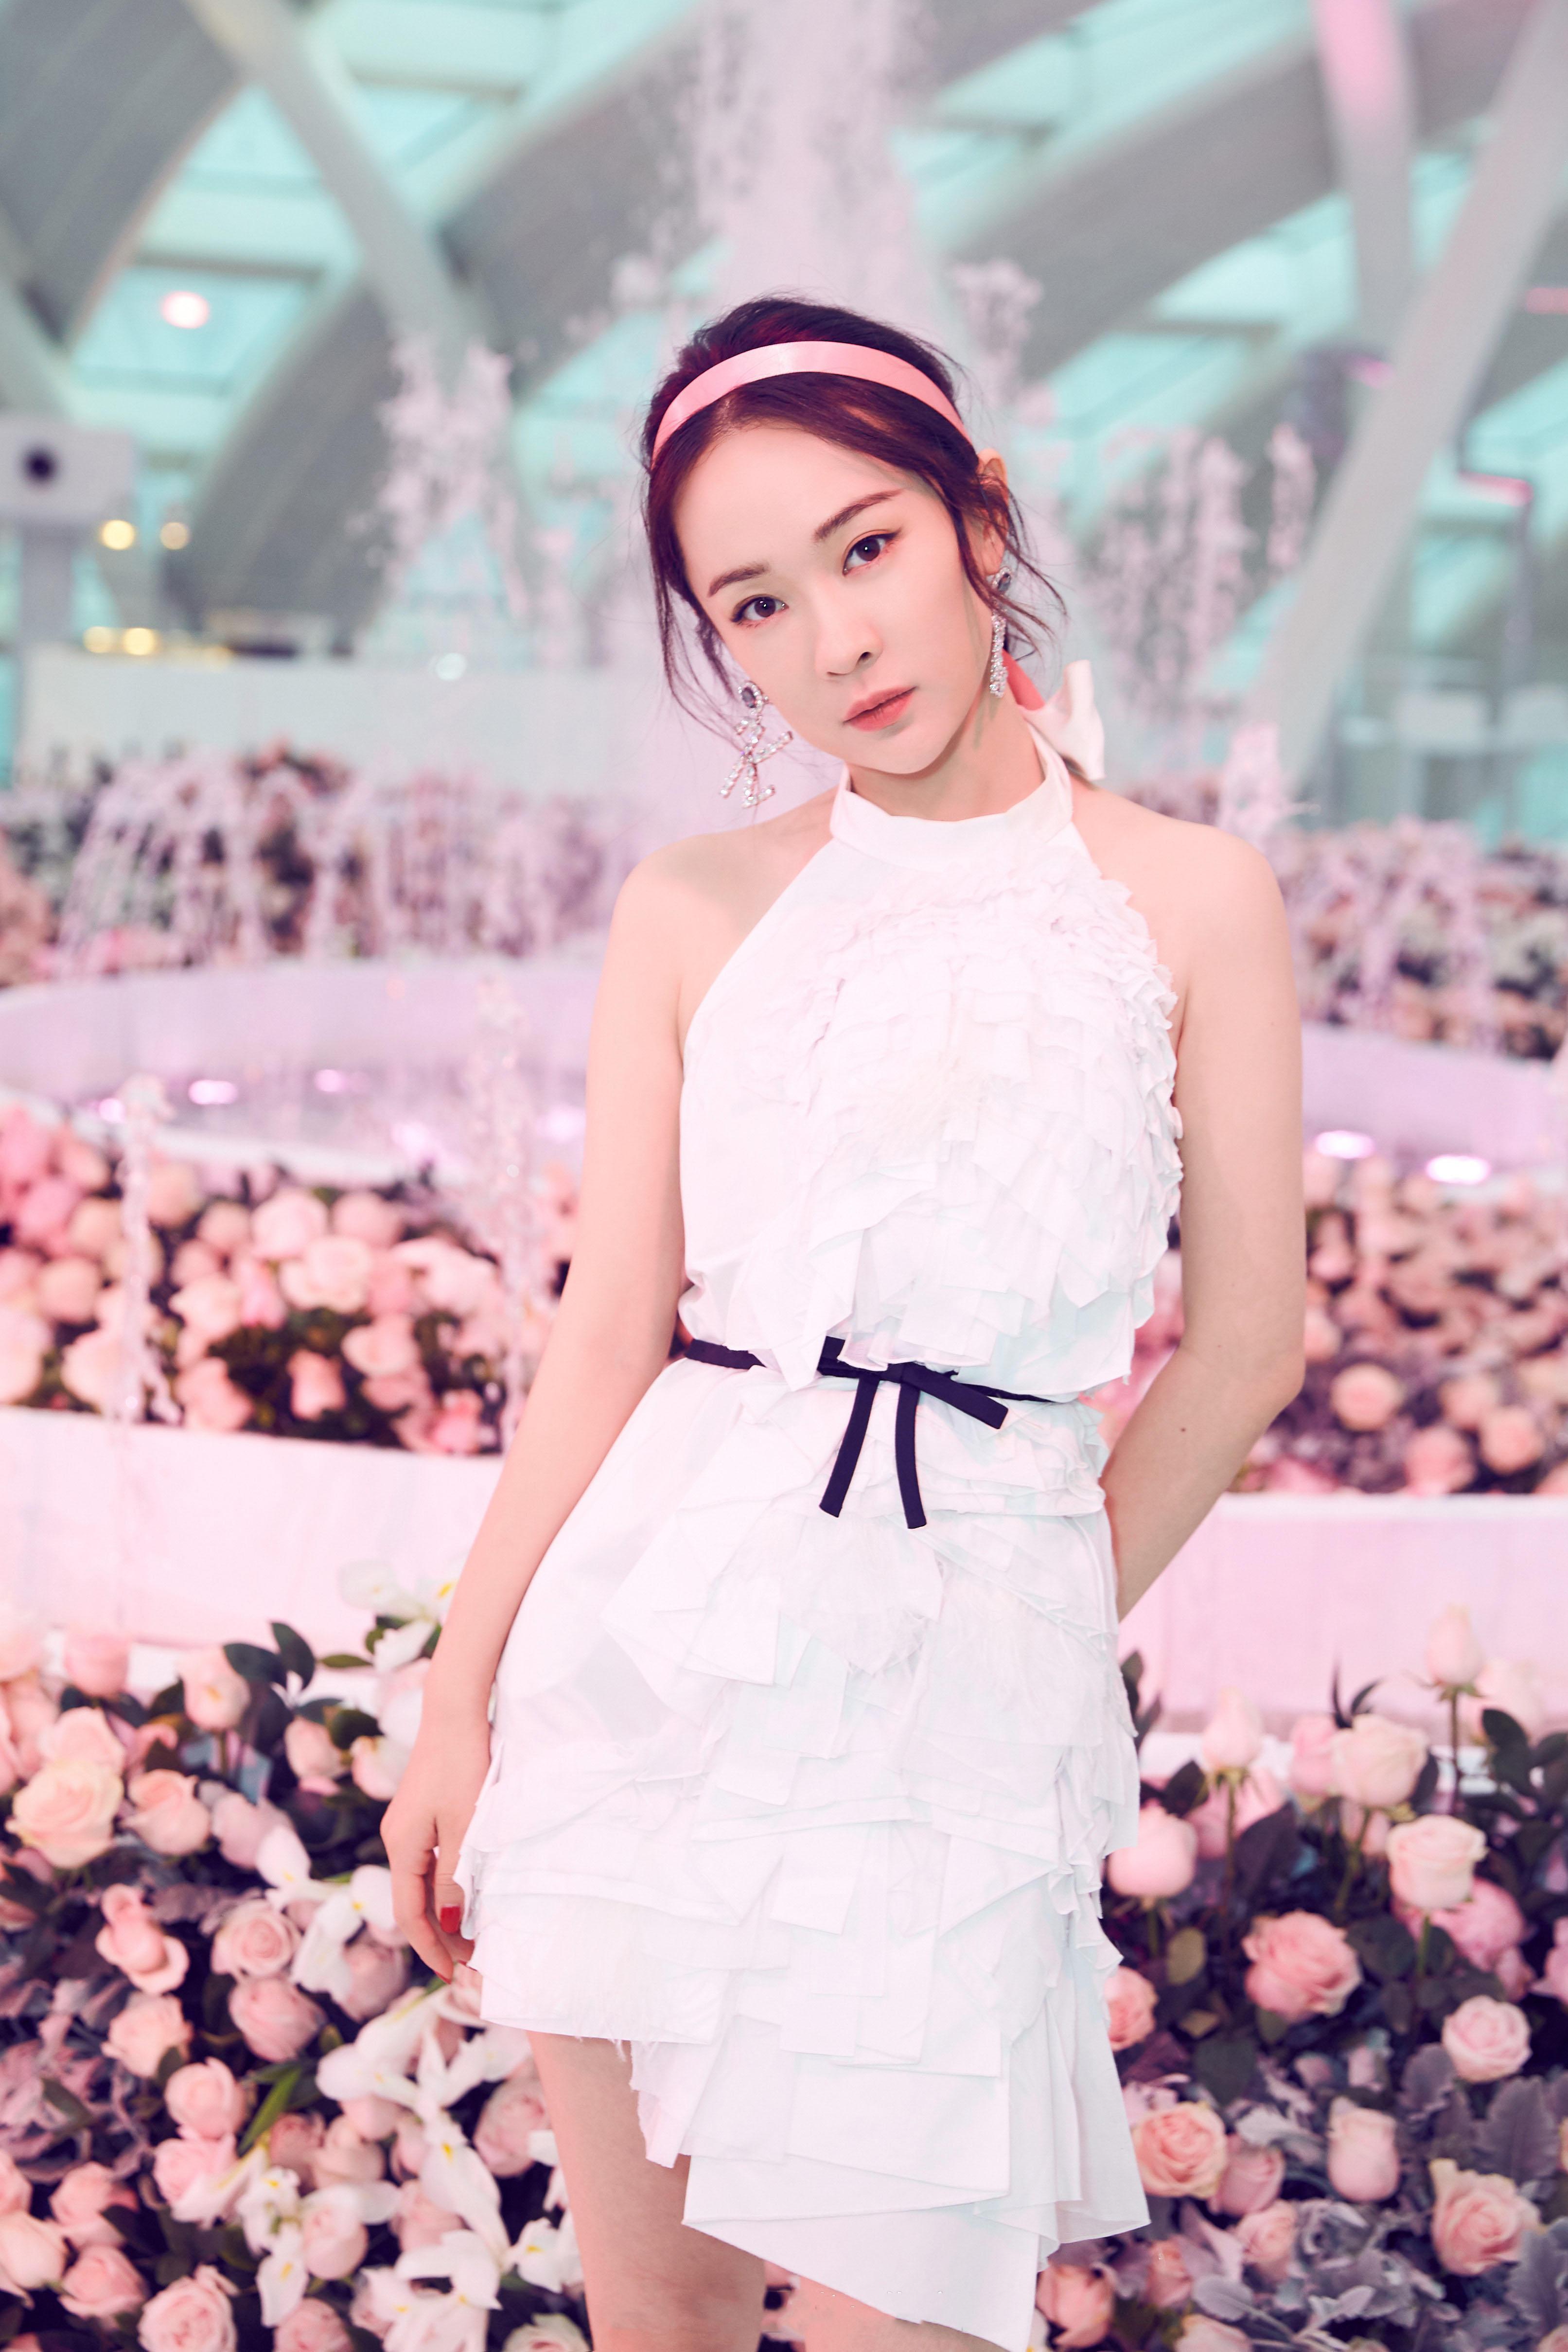 霍思燕小时候_霍思燕逆生长,穿白色连衣裙戴粉色发带,38岁被宠成了小公主 ...